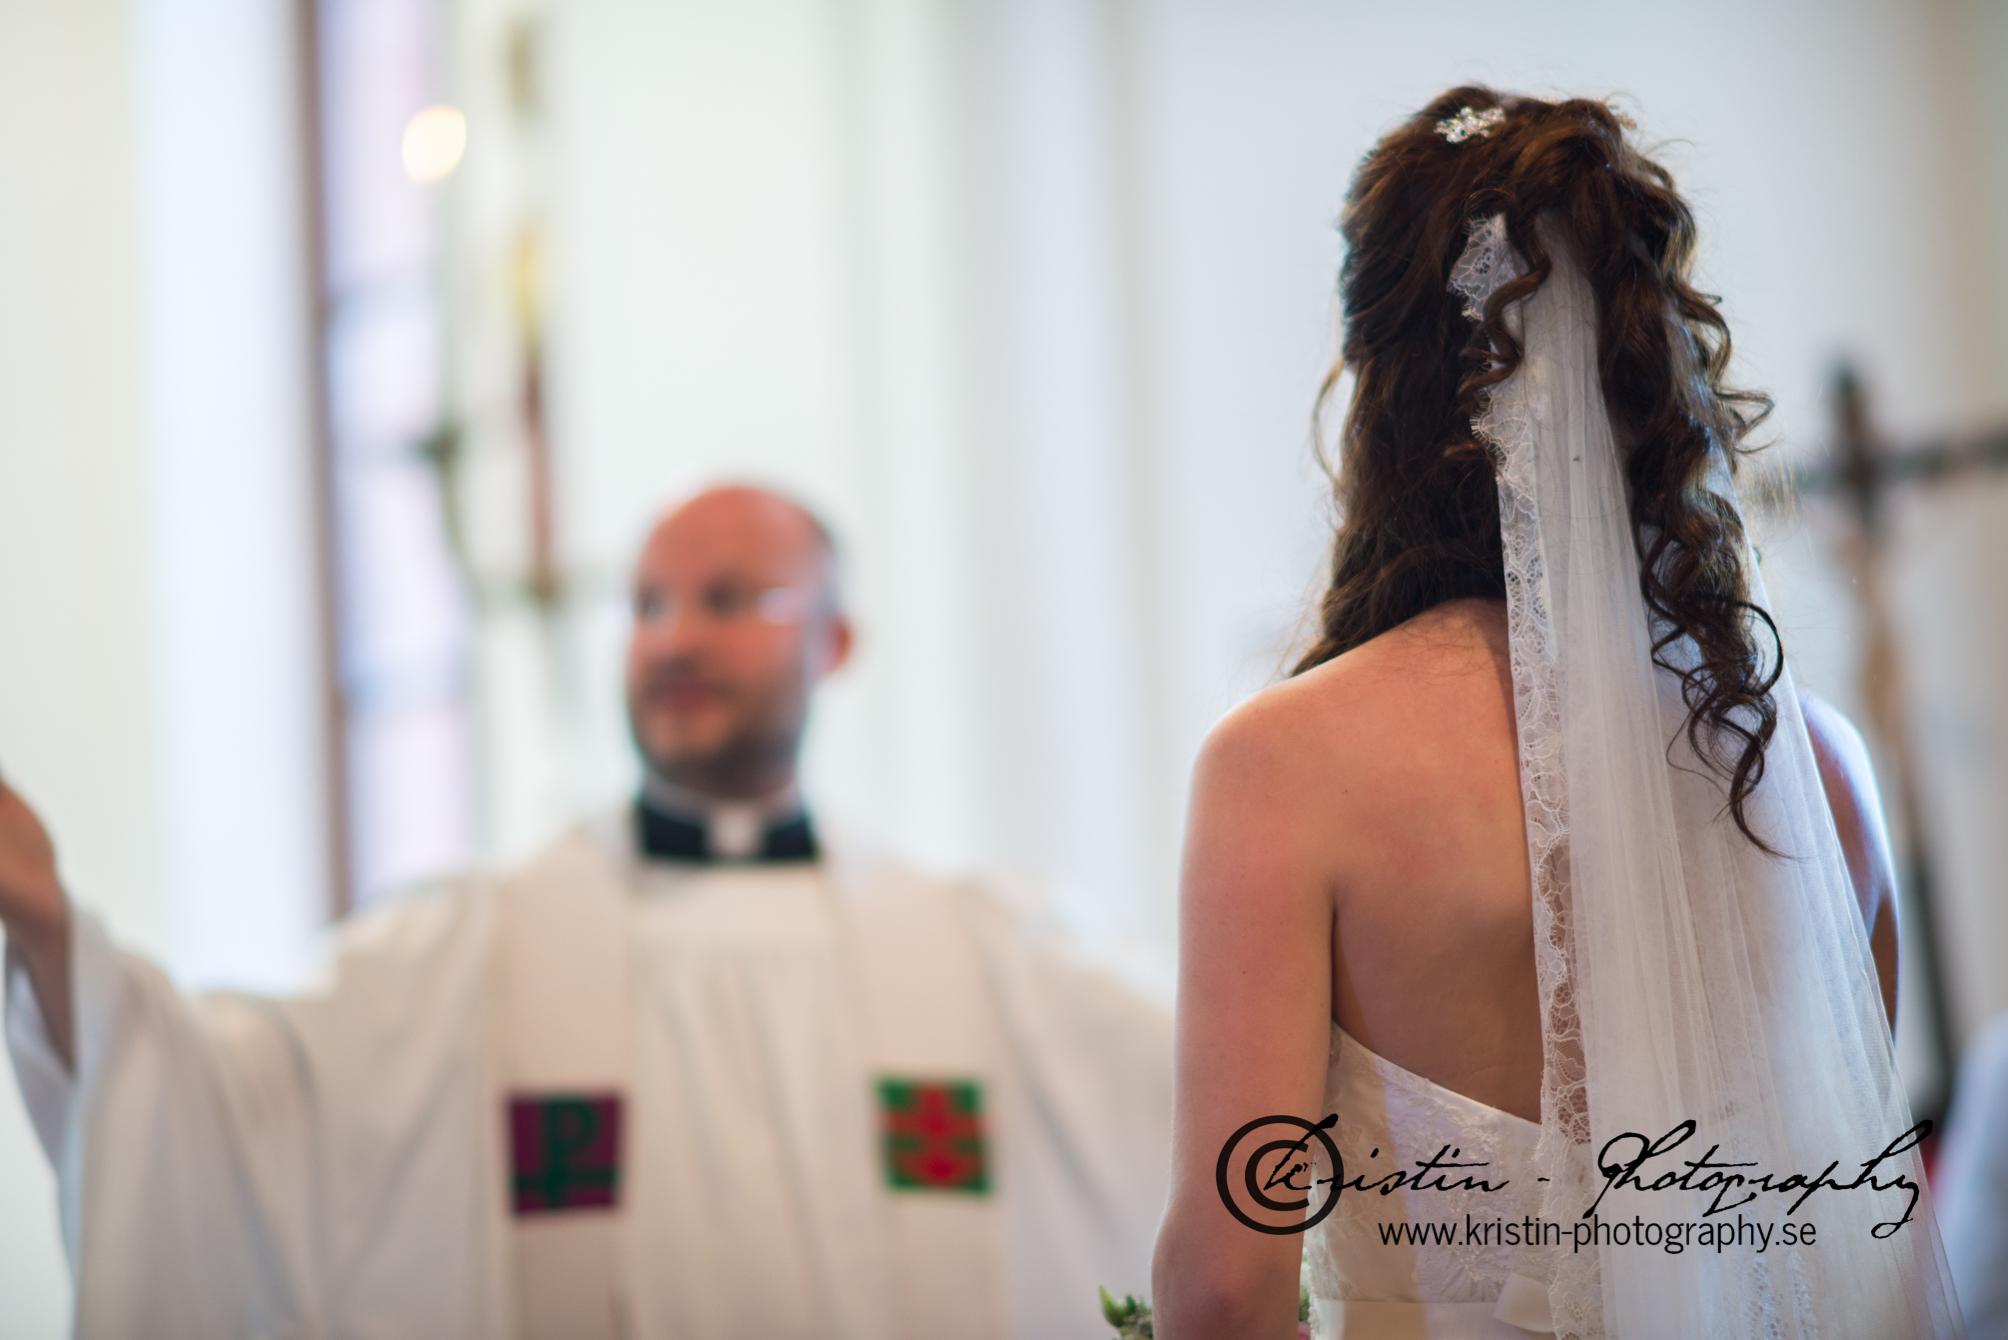 Bröllopsfotograf i Eskilstuna, Kristin - Photography, weddingphotographer -148.jpg